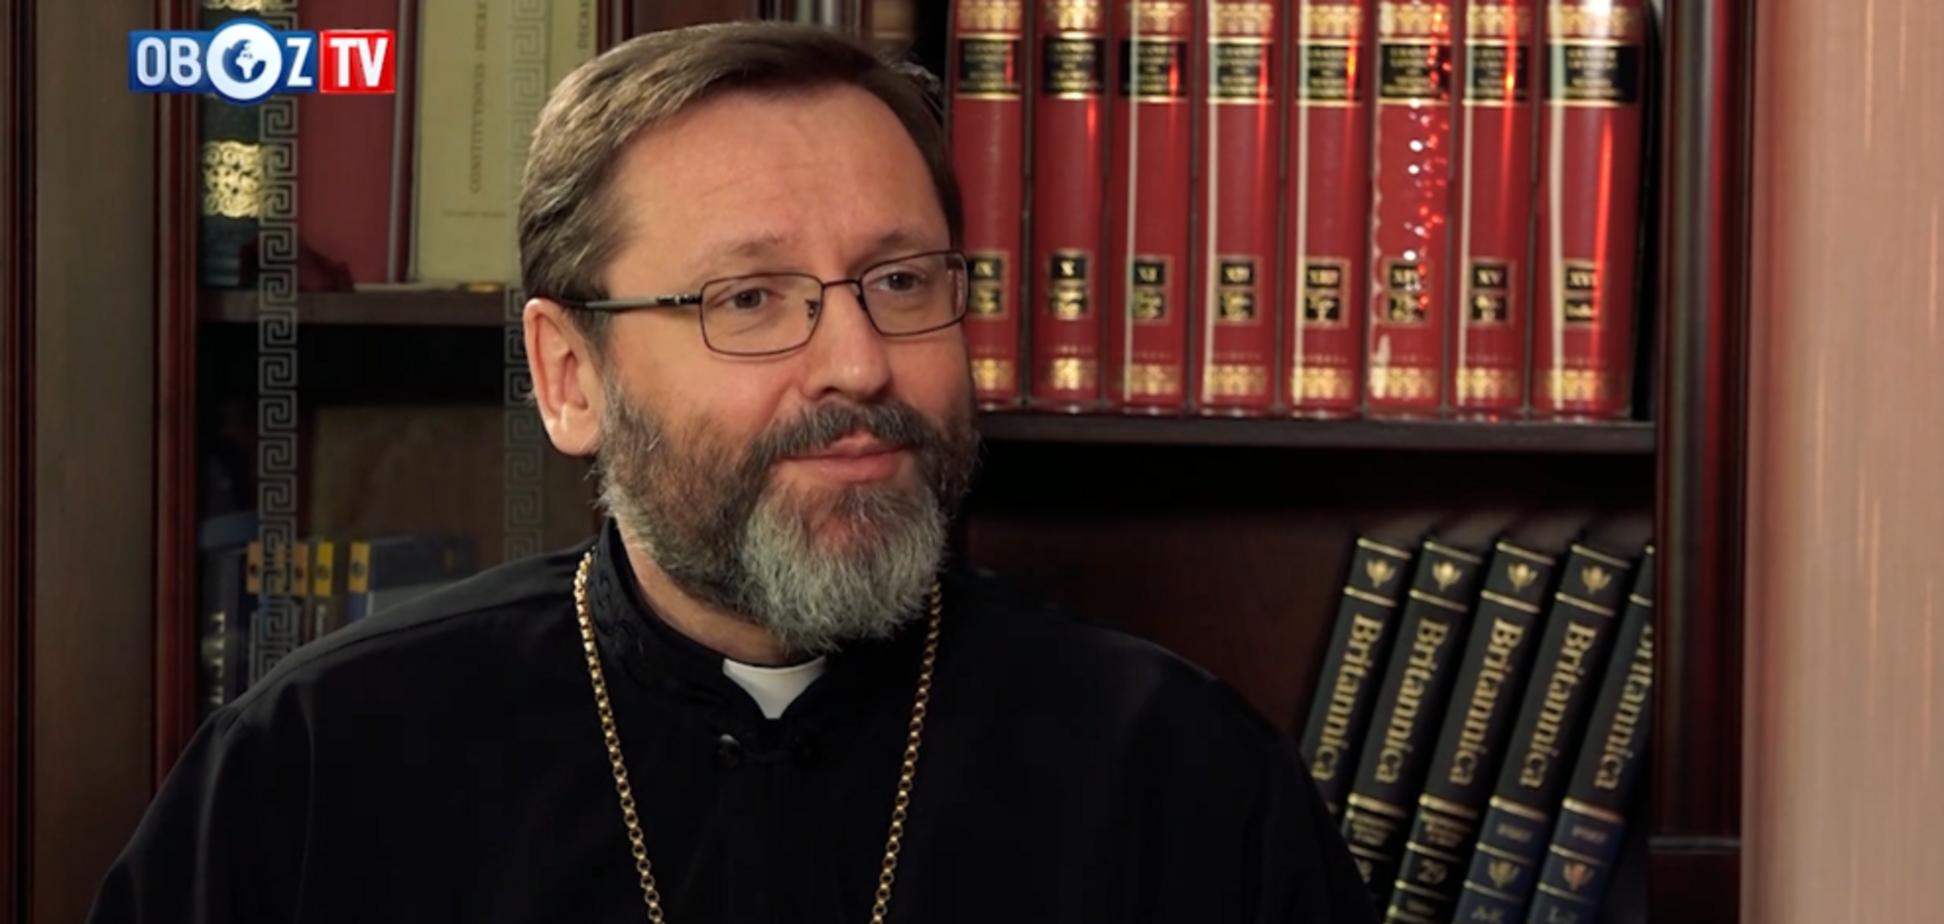 Об'єднання церков: глава УГКЦ розкрив деталі зустрічі з главою ПЦУ Єпіфаній